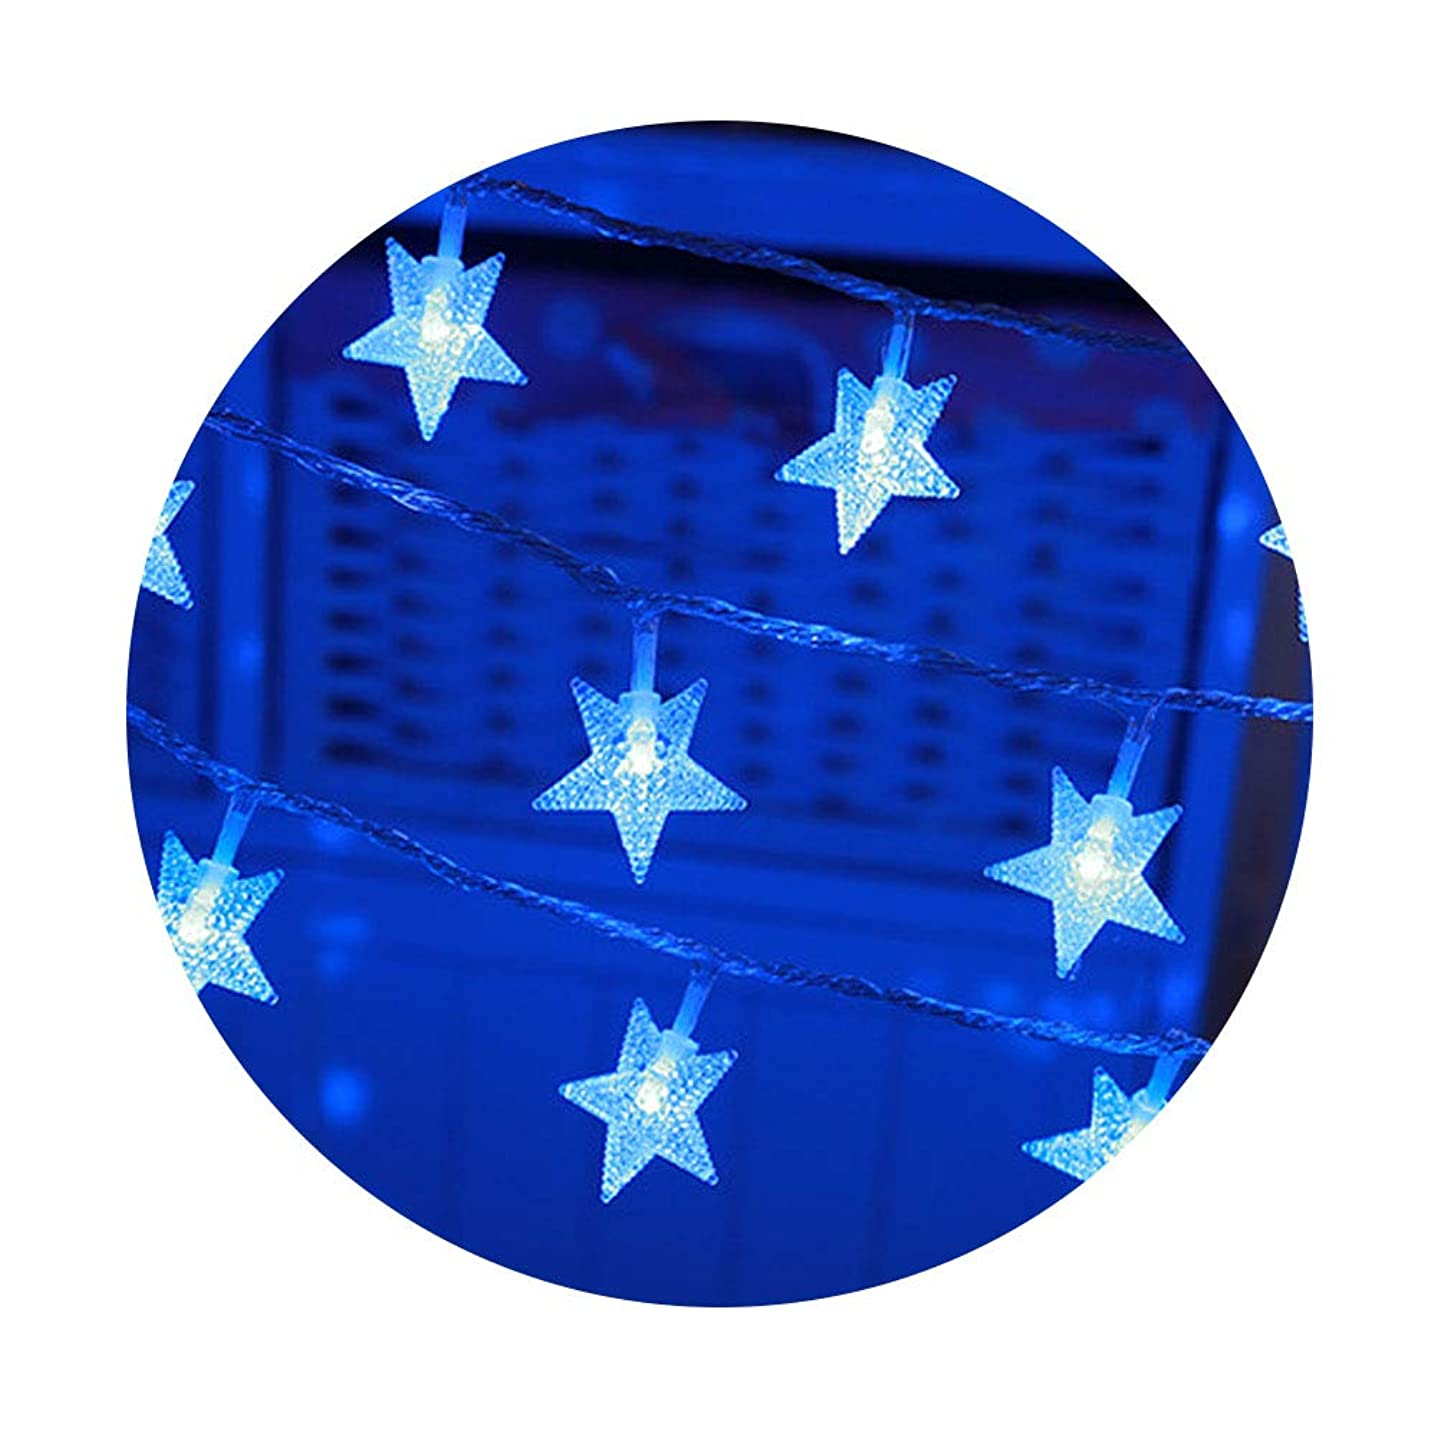 権限消防士侵略ハクチョウ(hakucho)5M 50球 電池式防水LED 星 LEDイルミネーションライト 結婚式、ホームパーティー お誕生日パーティー クリスマスなどに最適 電飾 (ブルー)